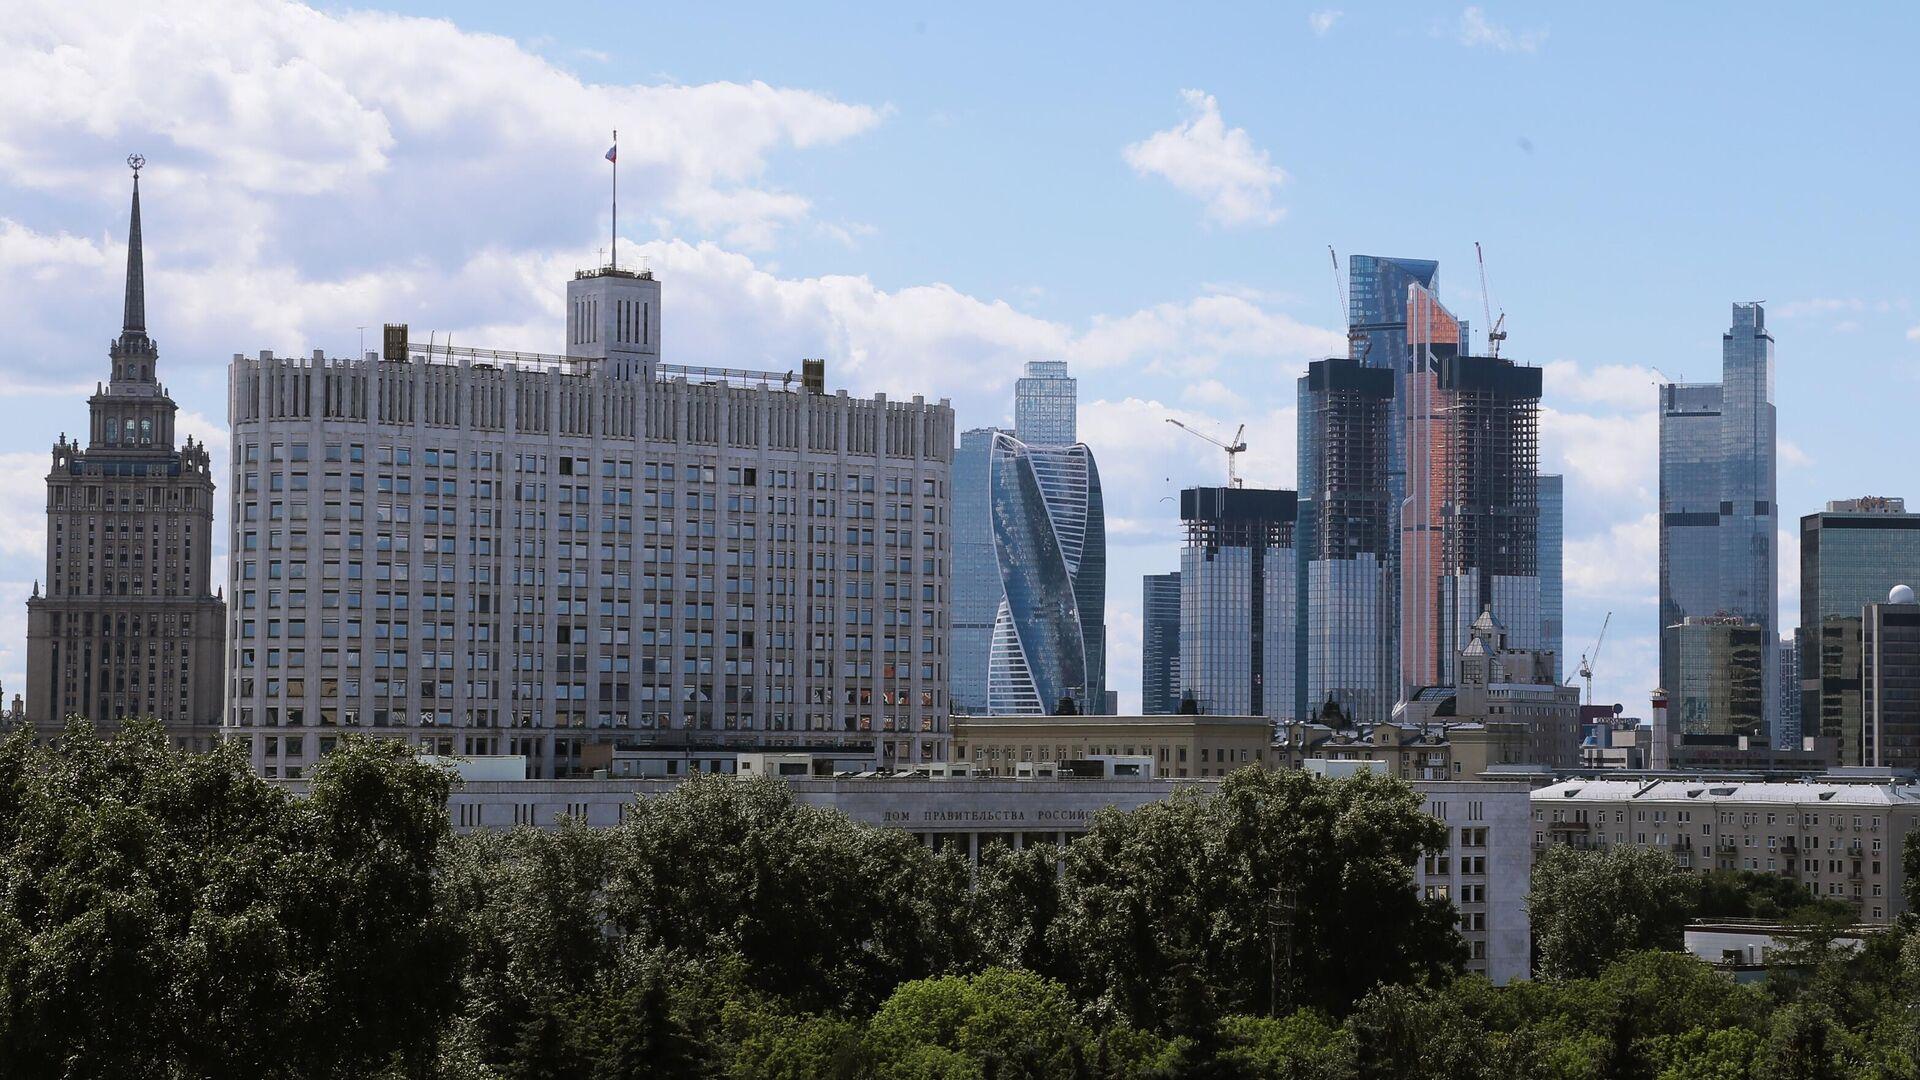 Высотное здание гостиницы Украина, Дом Правительства РФ и небоскребы делового центра Москва-сити - РИА Новости, 1920, 18.09.2020